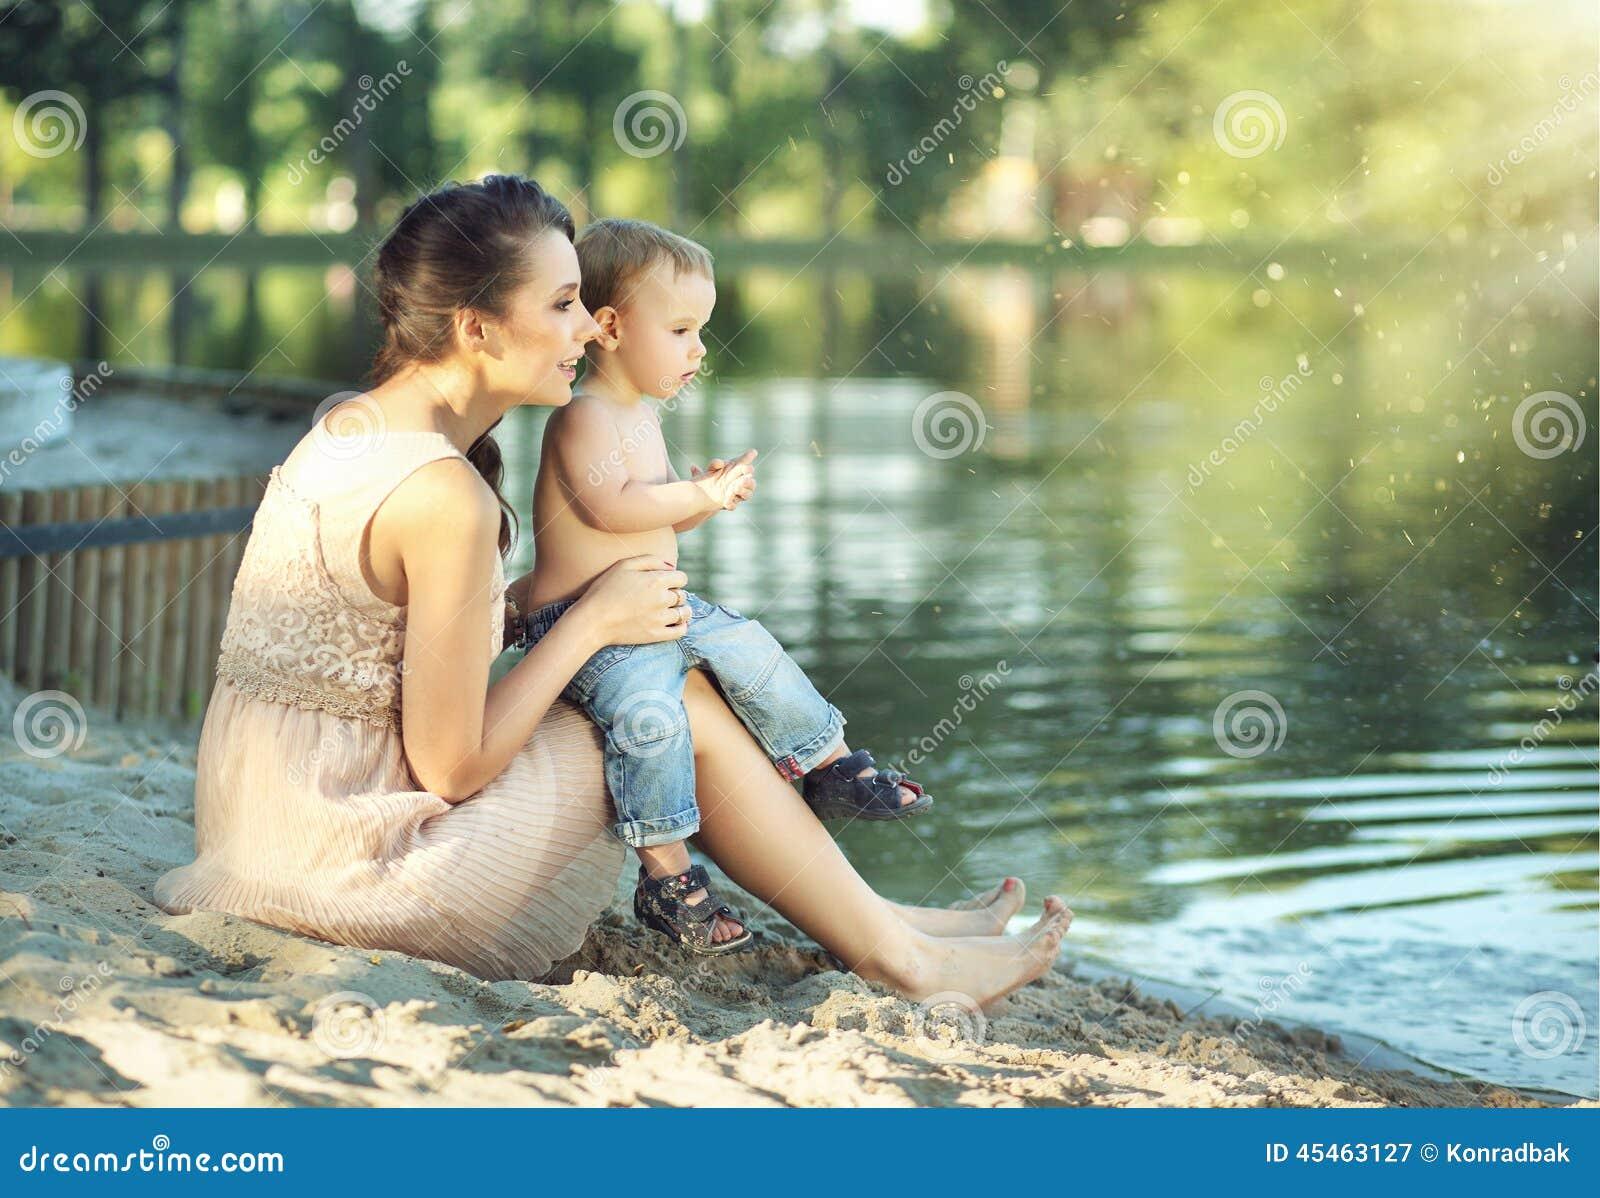 мамочка моется в душе фото